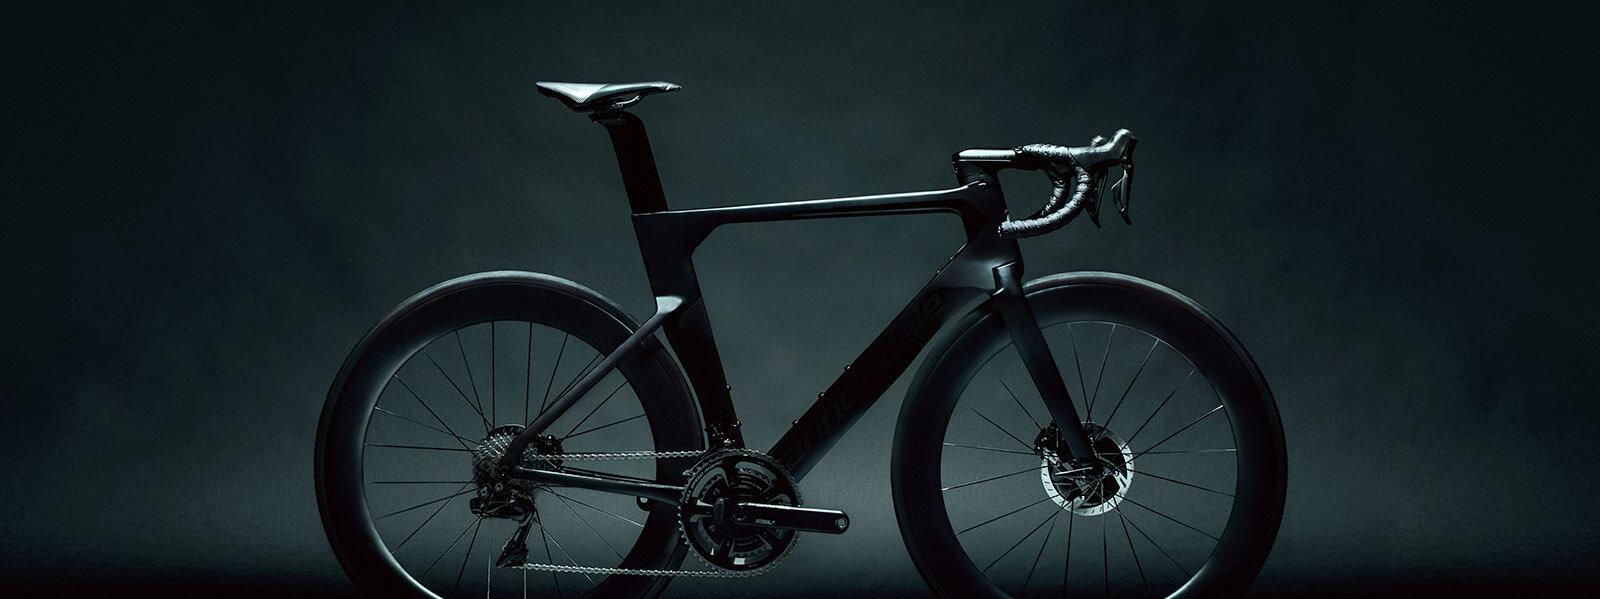 SystemSix - das aerodynamischste Bike überhaupt?